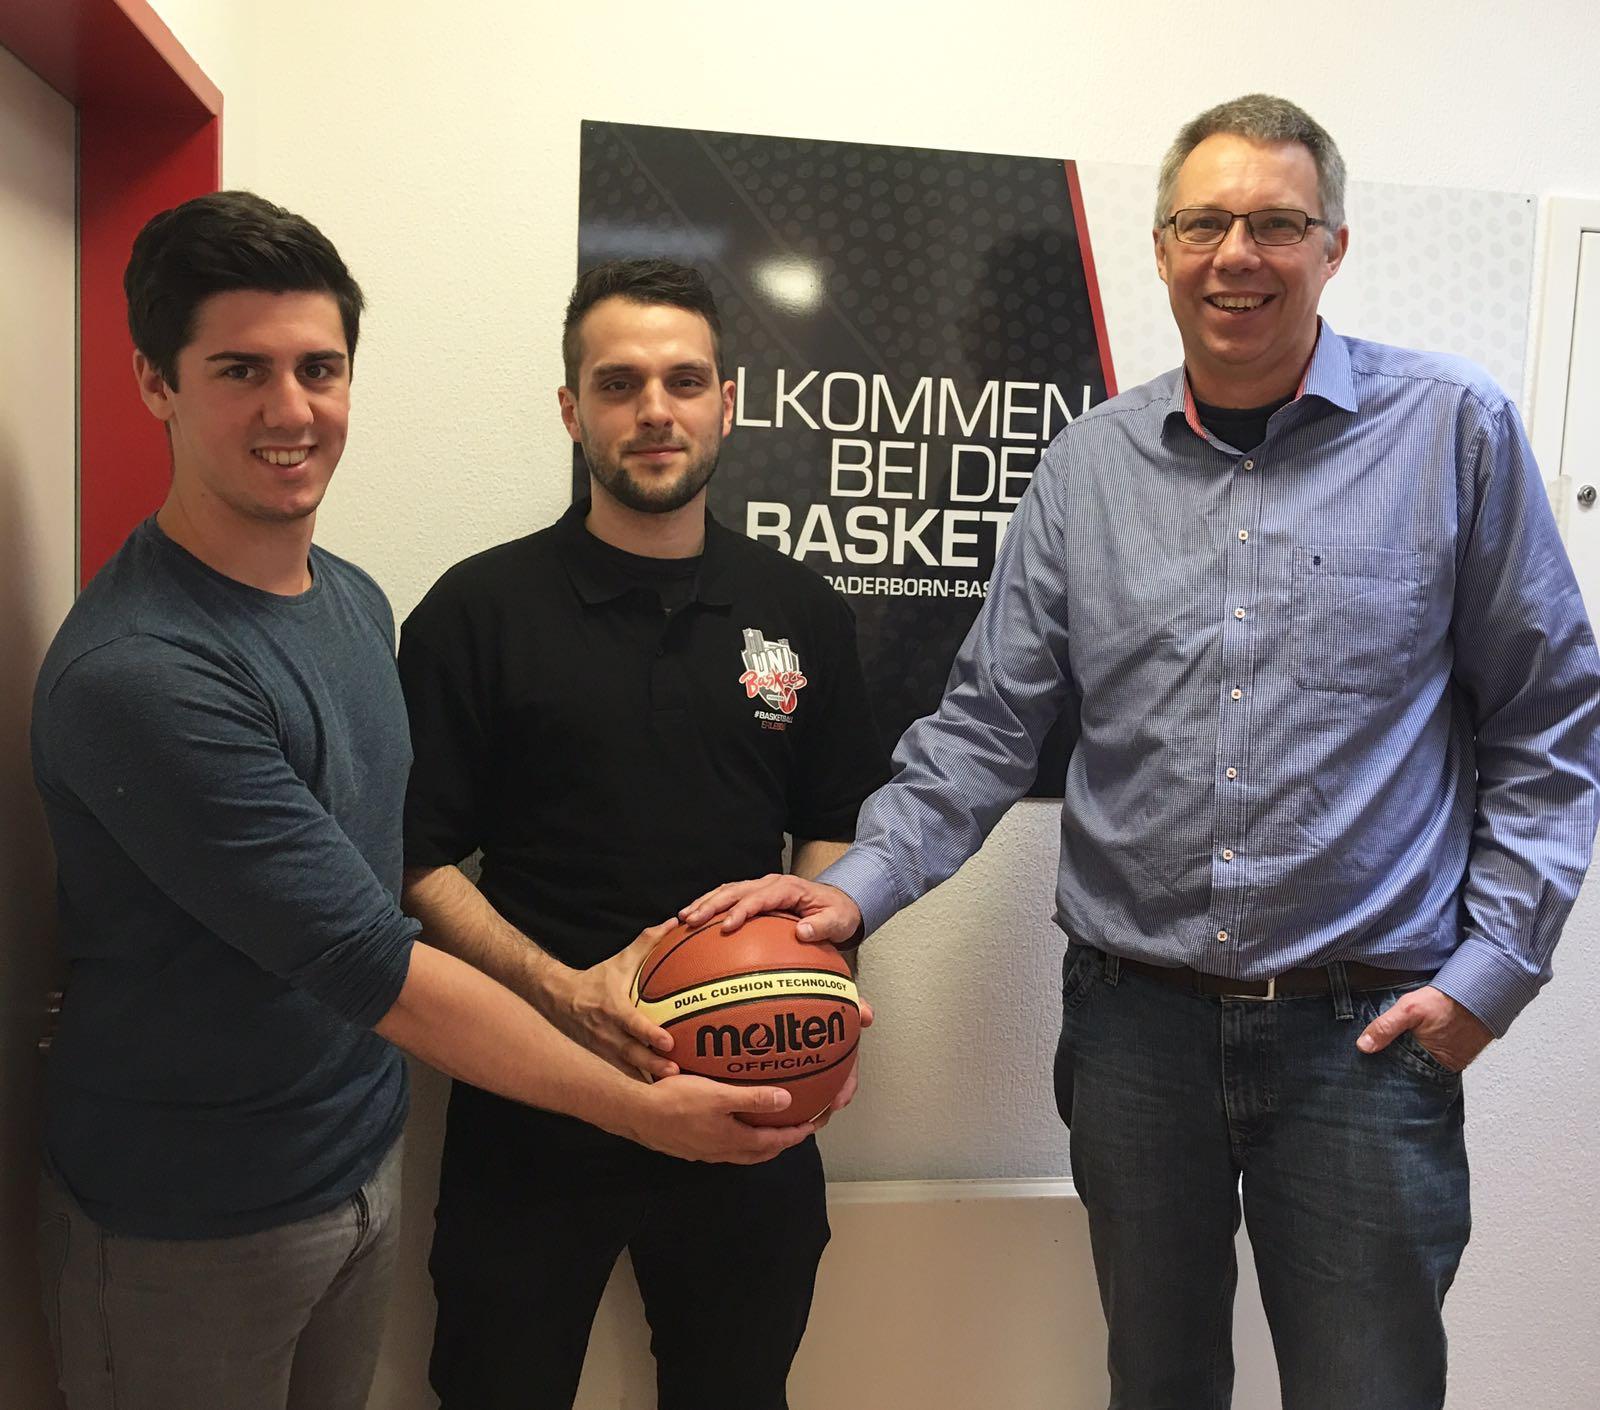 v.l.n.r.: Praktikant Yannis Wiele, Jugendtrainer Werner Gorsky, Vereinspräsident Christoph Schlösser